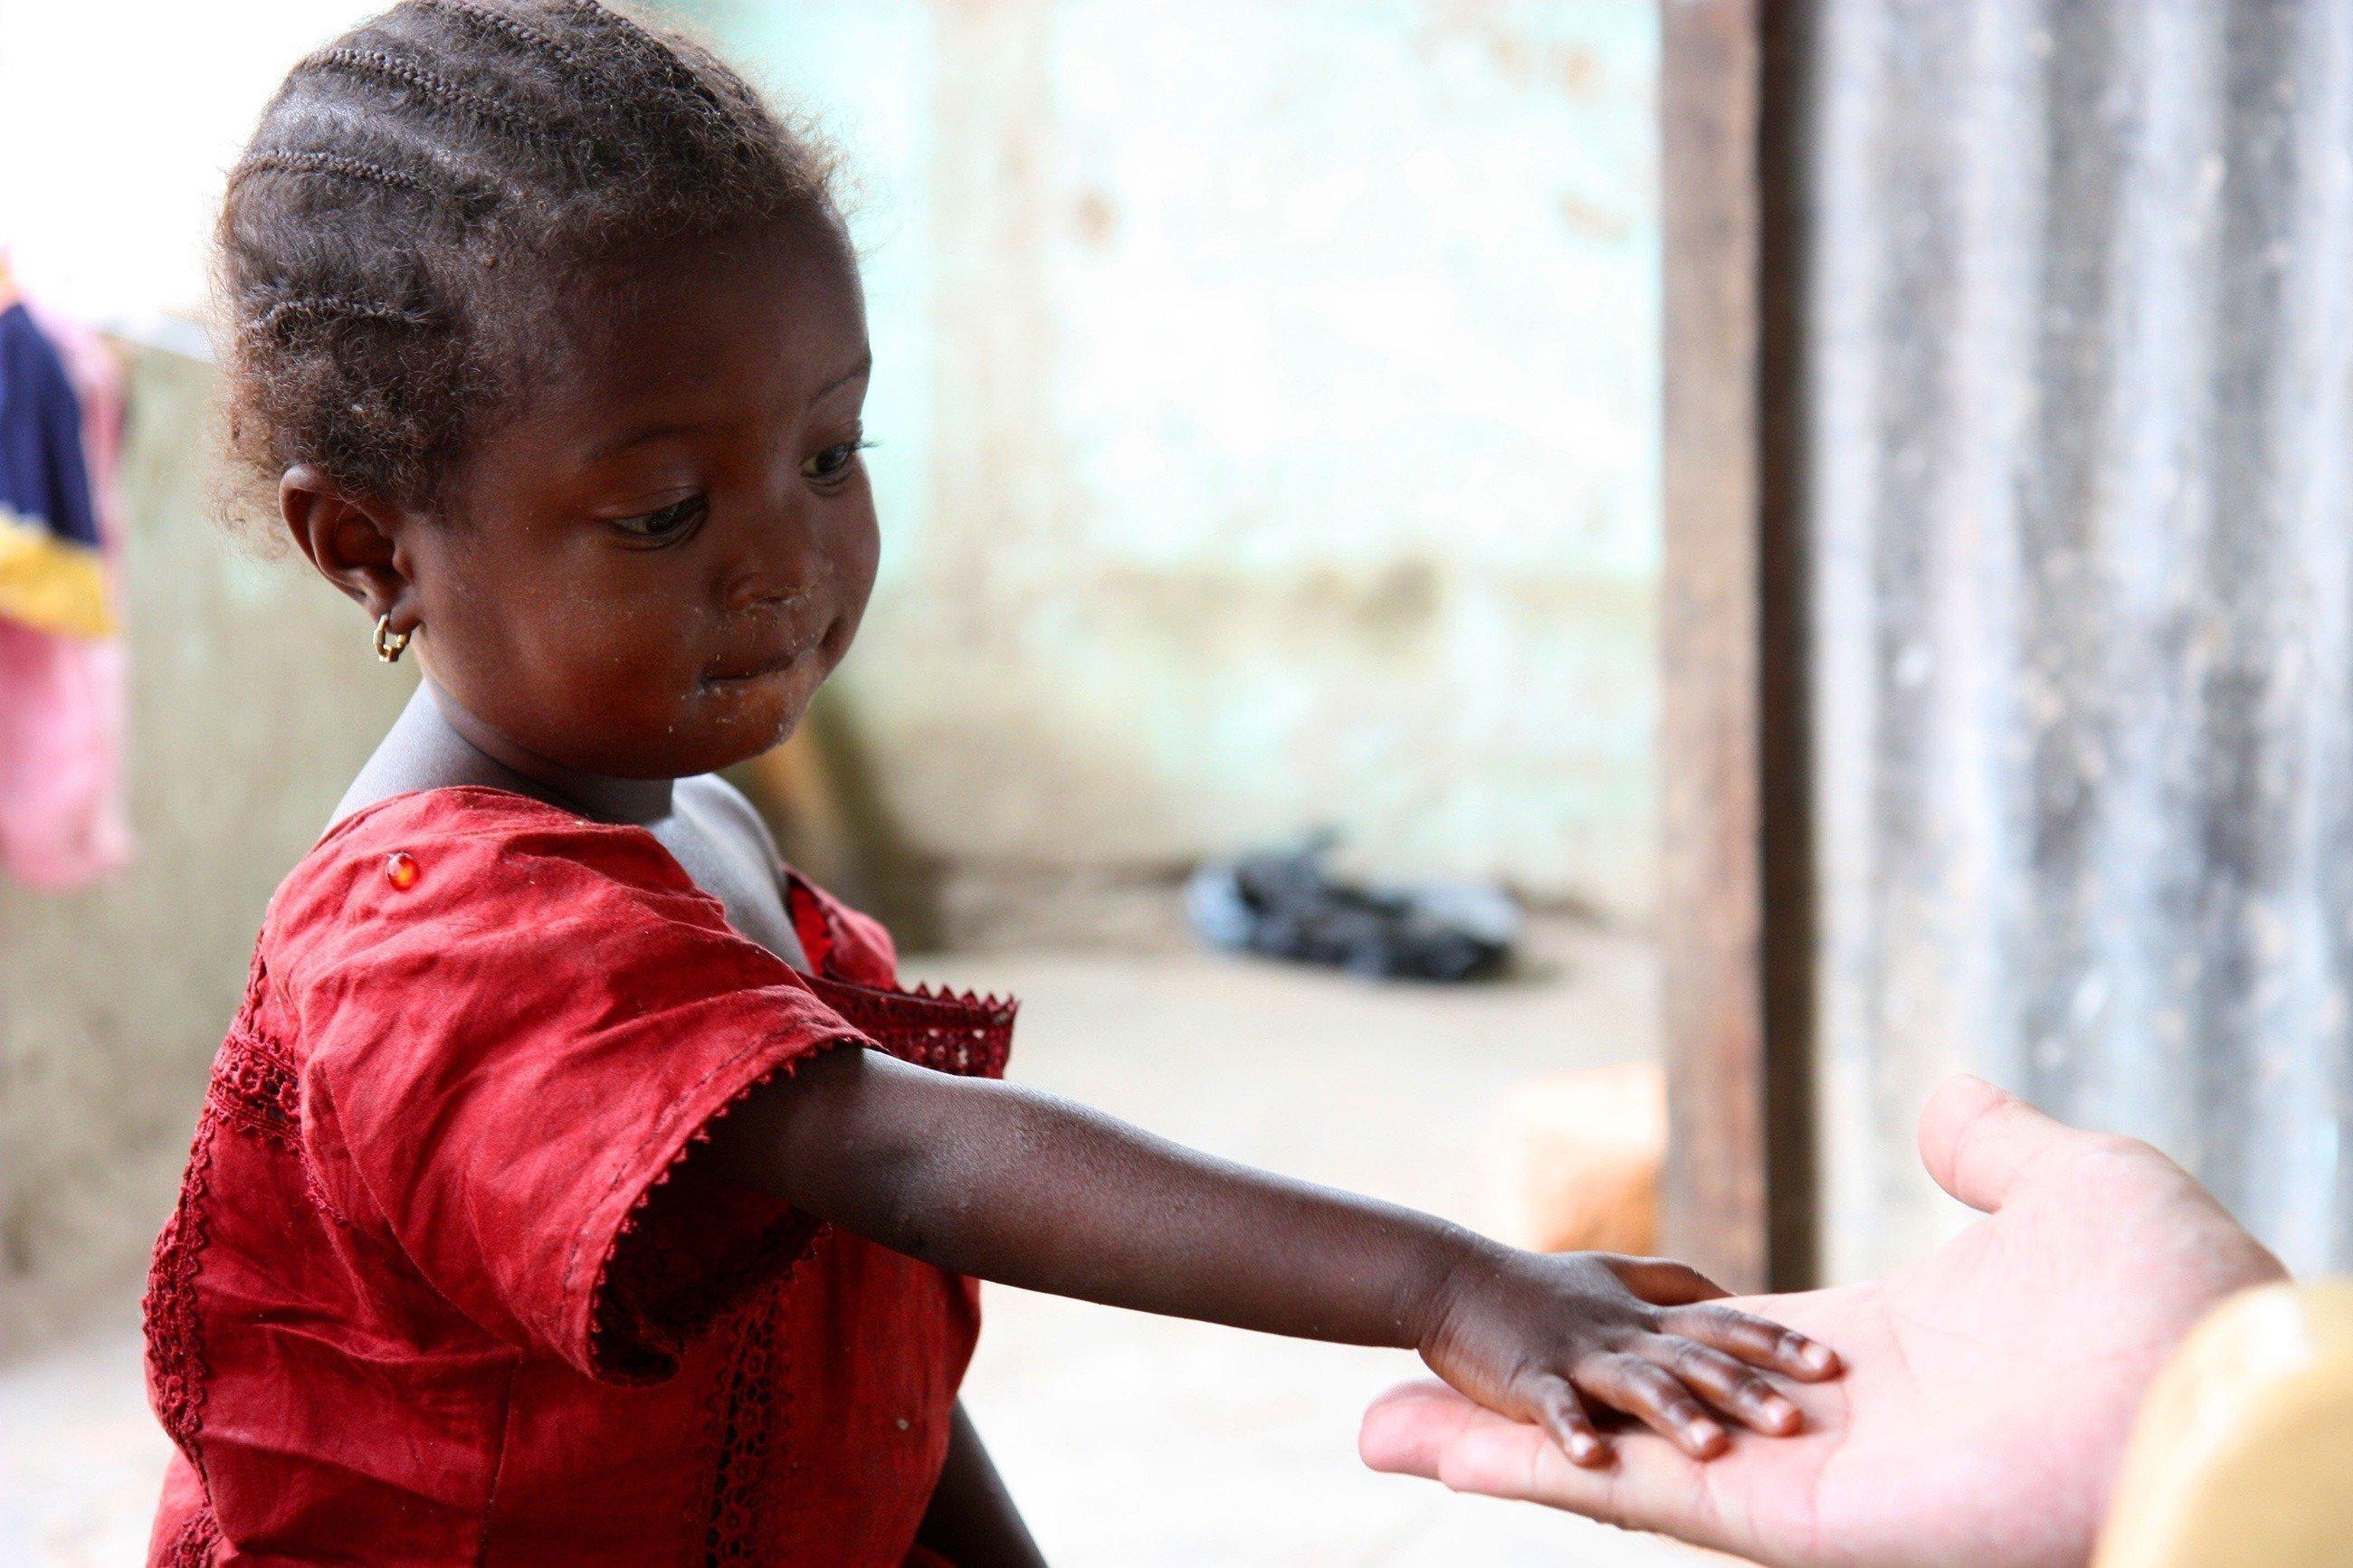 Ein kleines Mädchen reicht ihre Hand einem Erwachsenen.